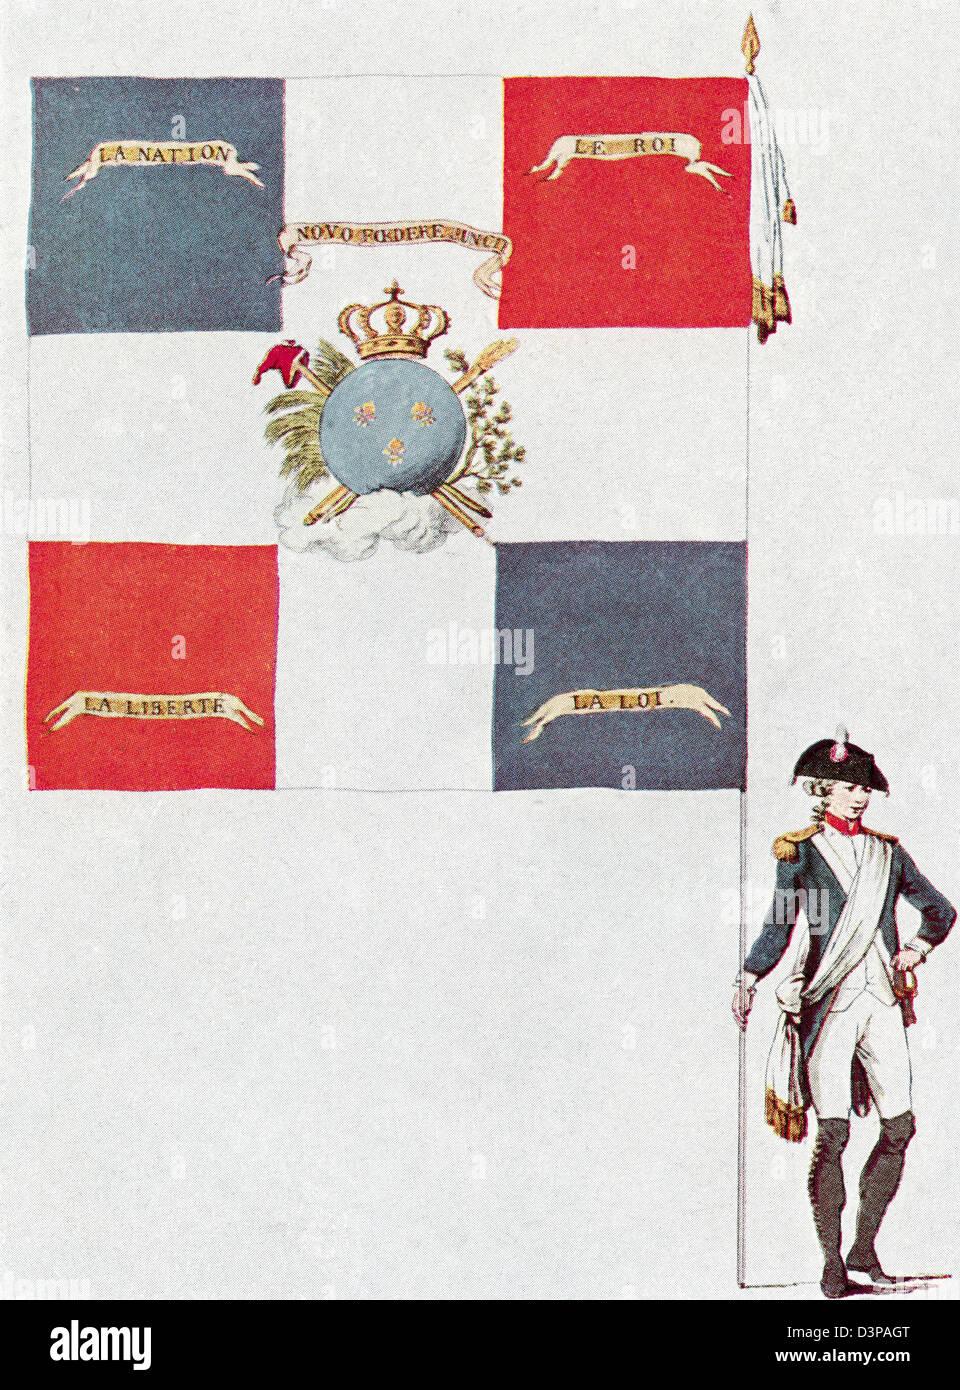 Battalion flag of the Parisien National Guard, Battalion Des Jacobins de Saint-Honoré. - Stock Image